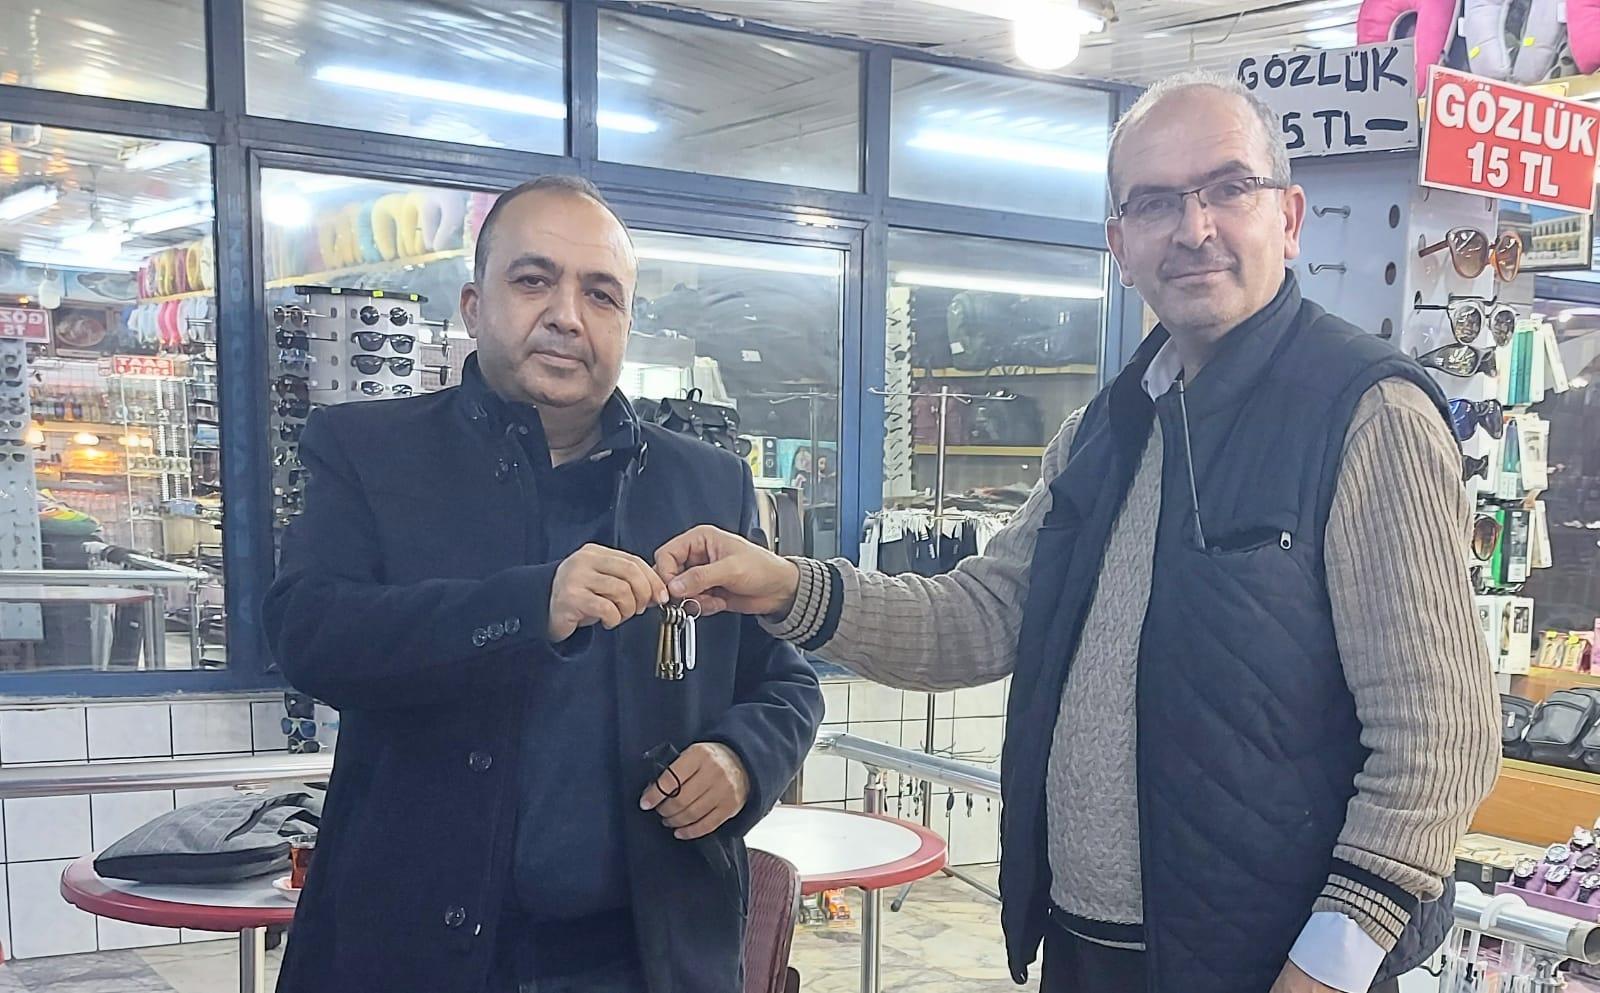 Akbaba Haber Ajansı kendi mülkü Ankara bürosunun anahtarını teslim aldı